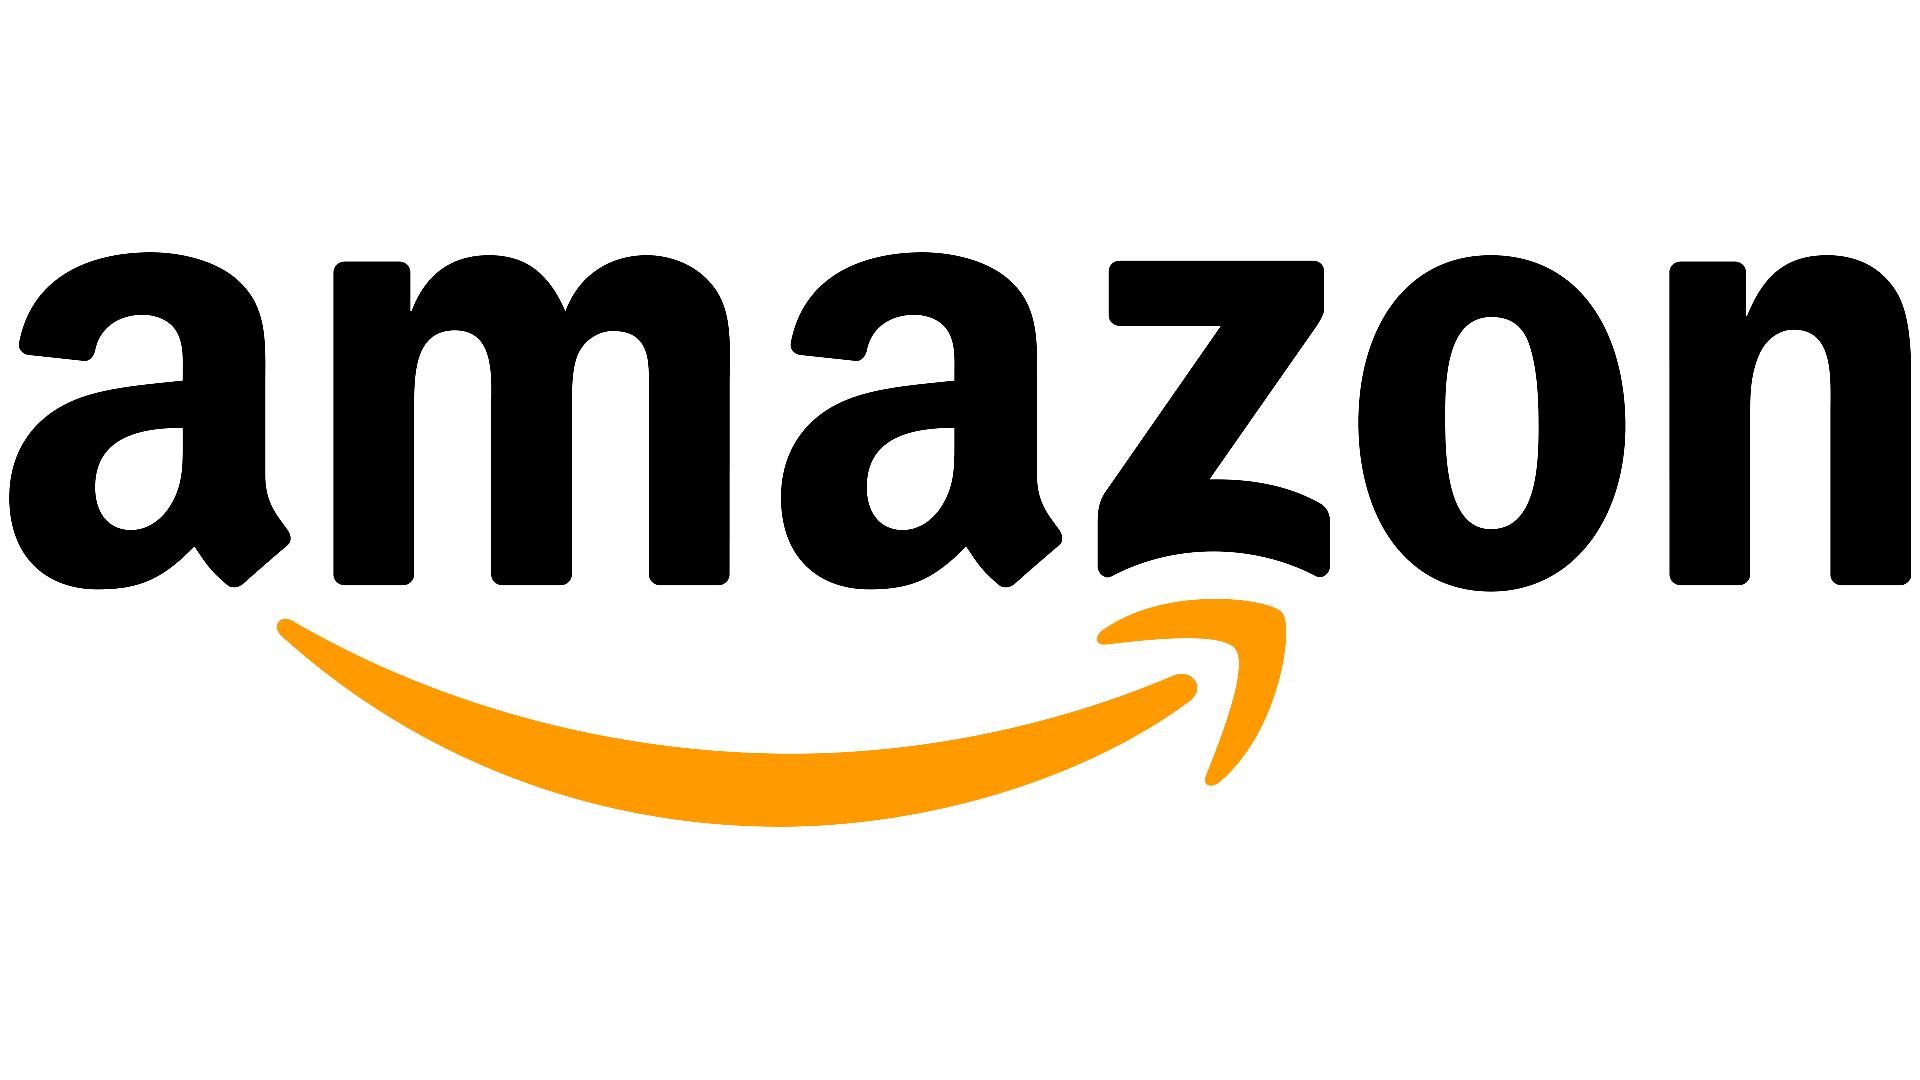 Amazon reduziert viele Artikel! (MwSt geschenkt?)